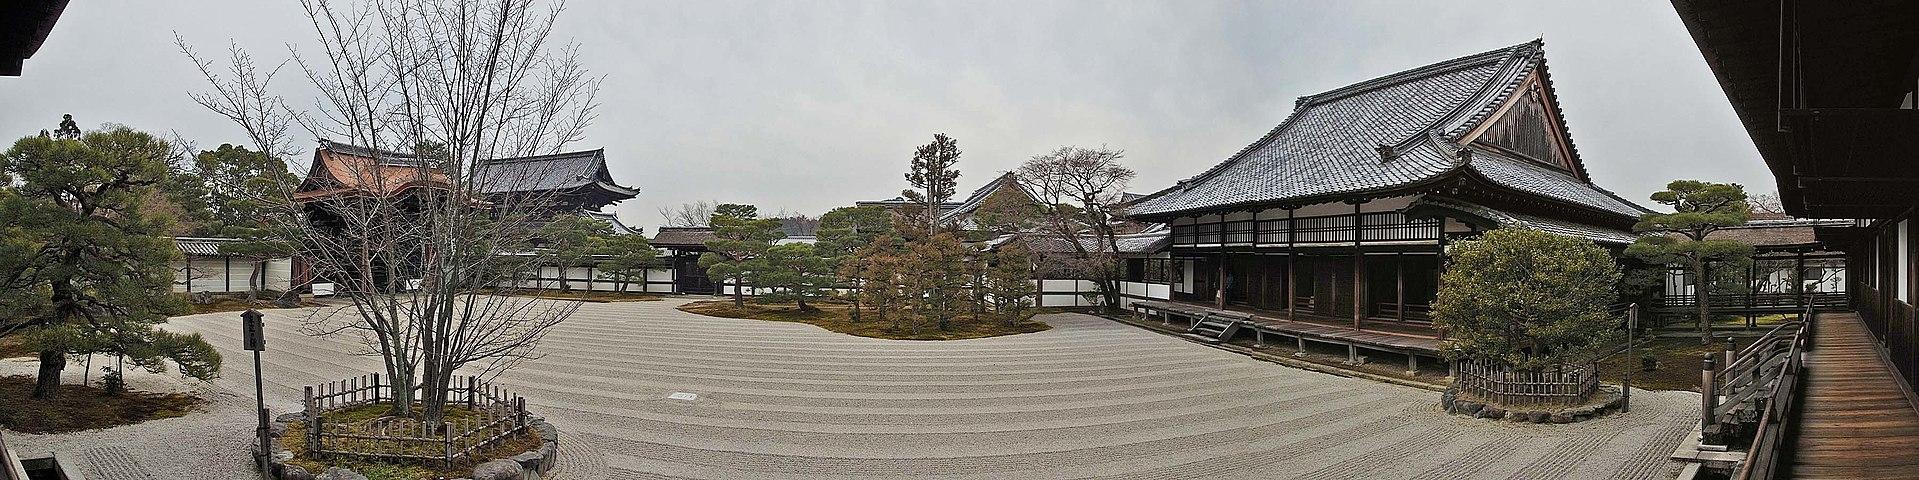 1920px-Ninna-ji_,_仁和寺_-_panoramio_(2).jpg